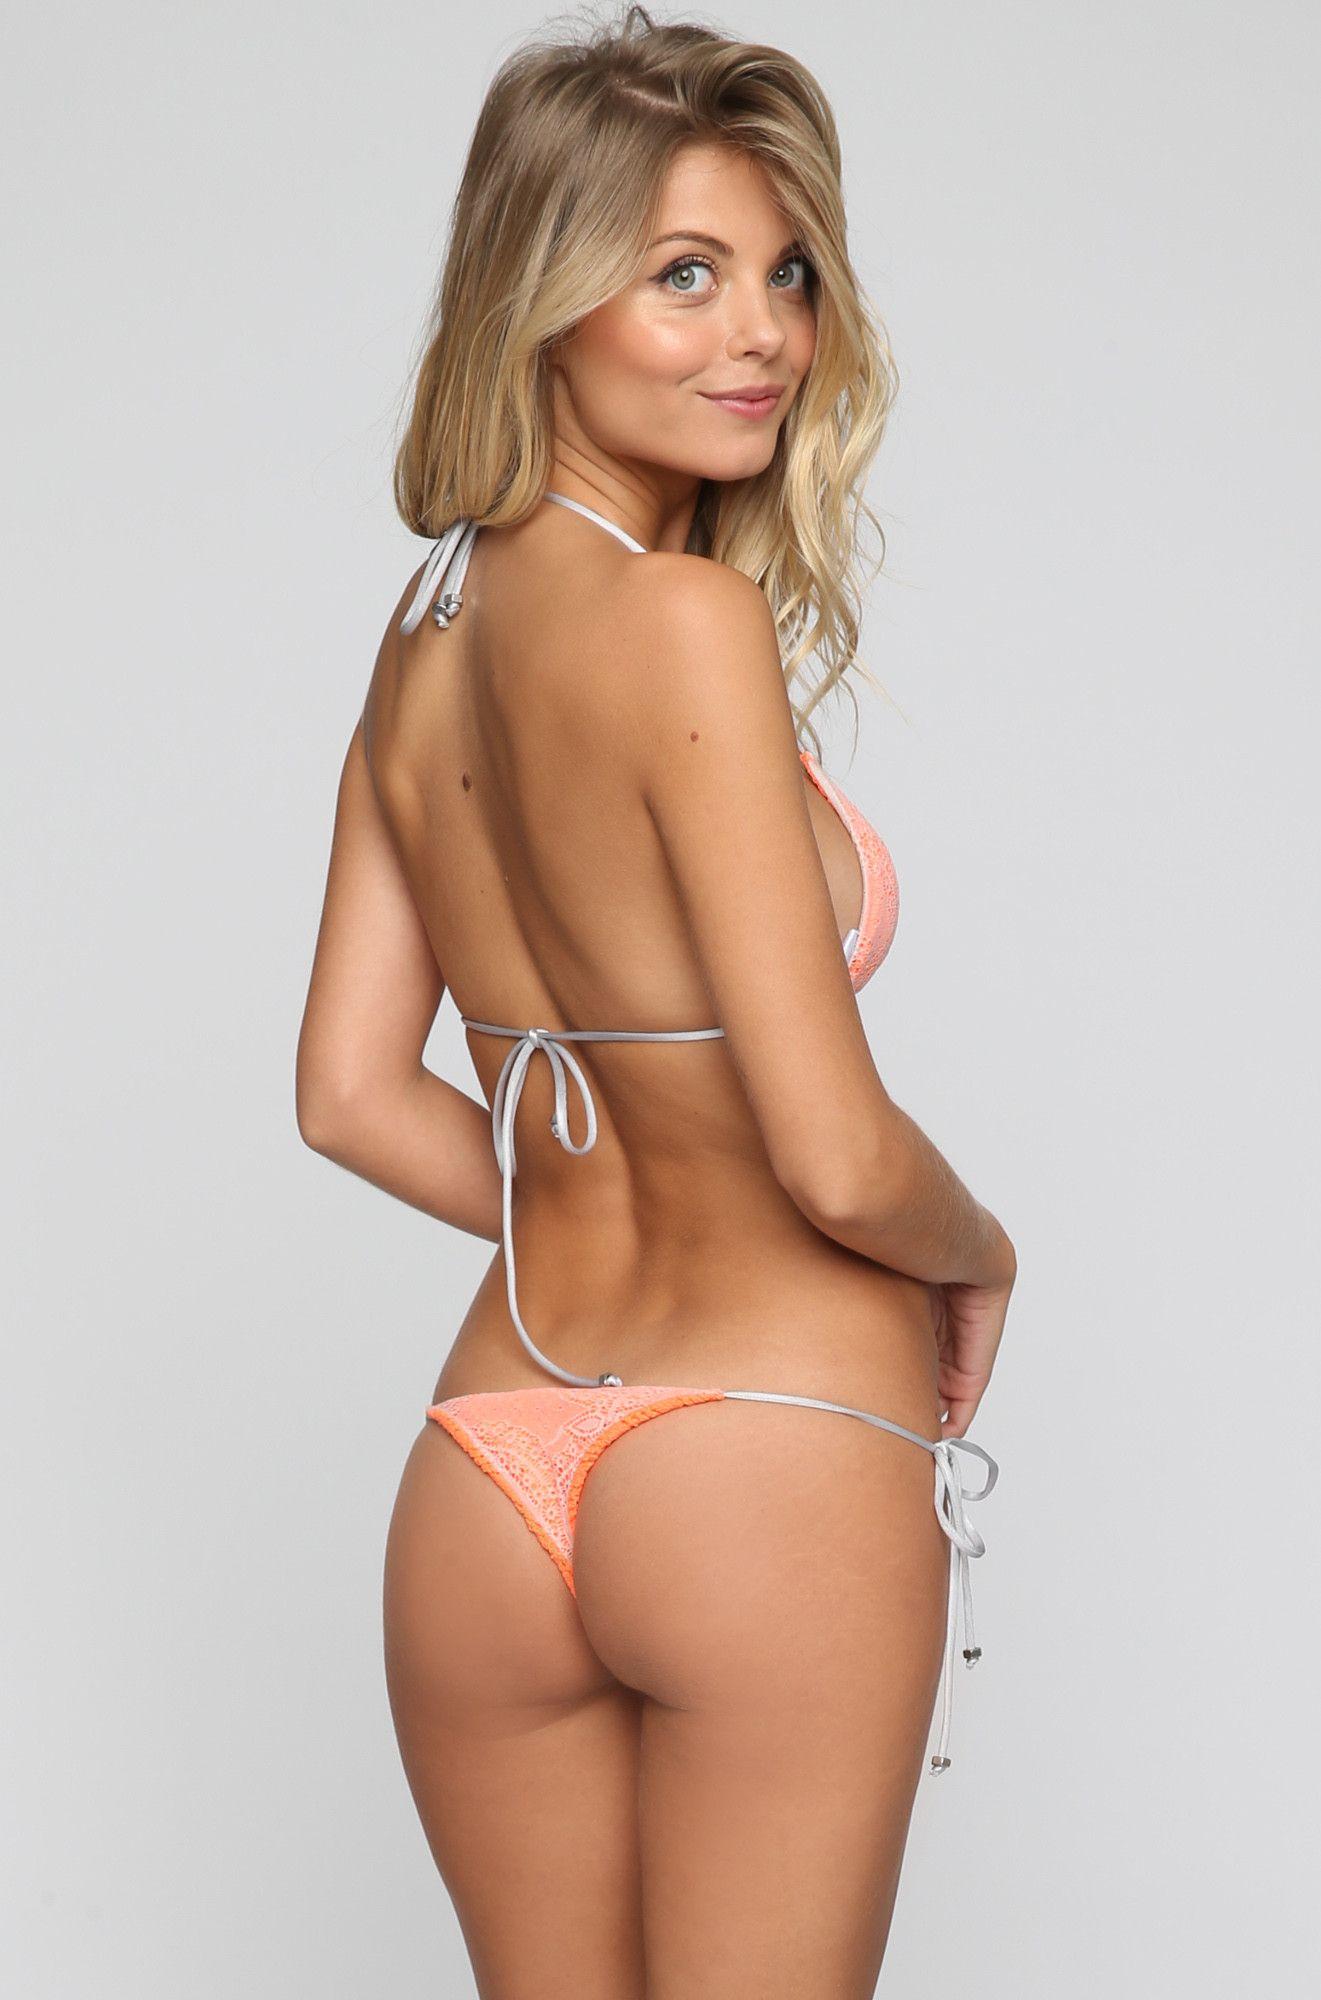 Ass Danielle Knudson nudes (71 photo), Ass, Fappening, Instagram, butt 2020